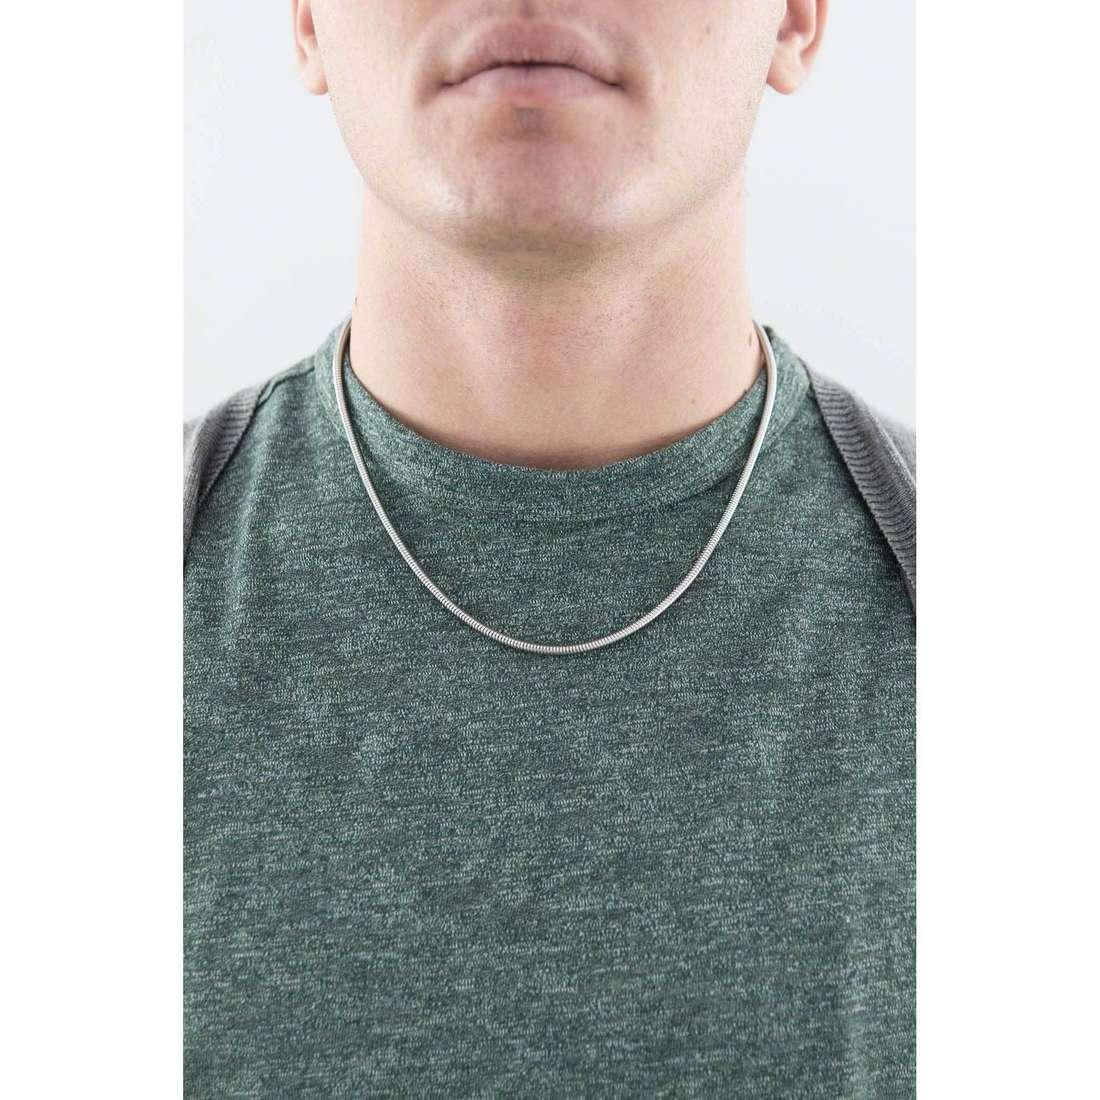 Morellato collane Drops uomo SCZB6 indosso